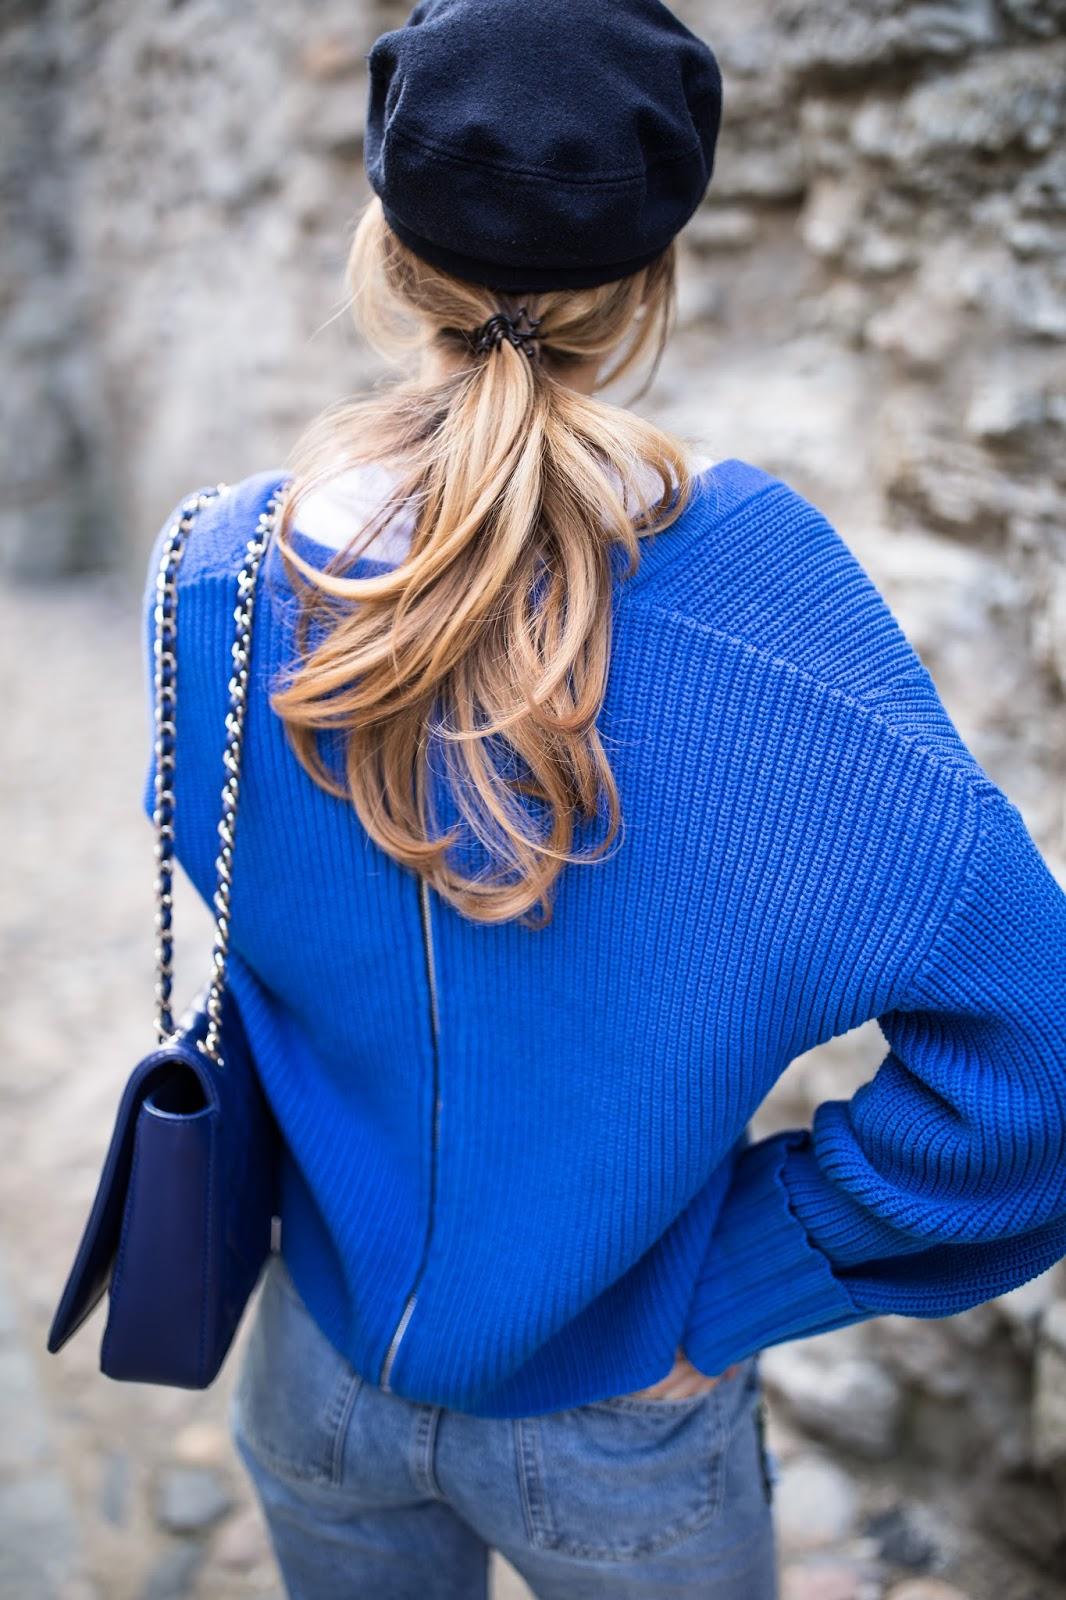 newsboy cap blue zipper detail sweater